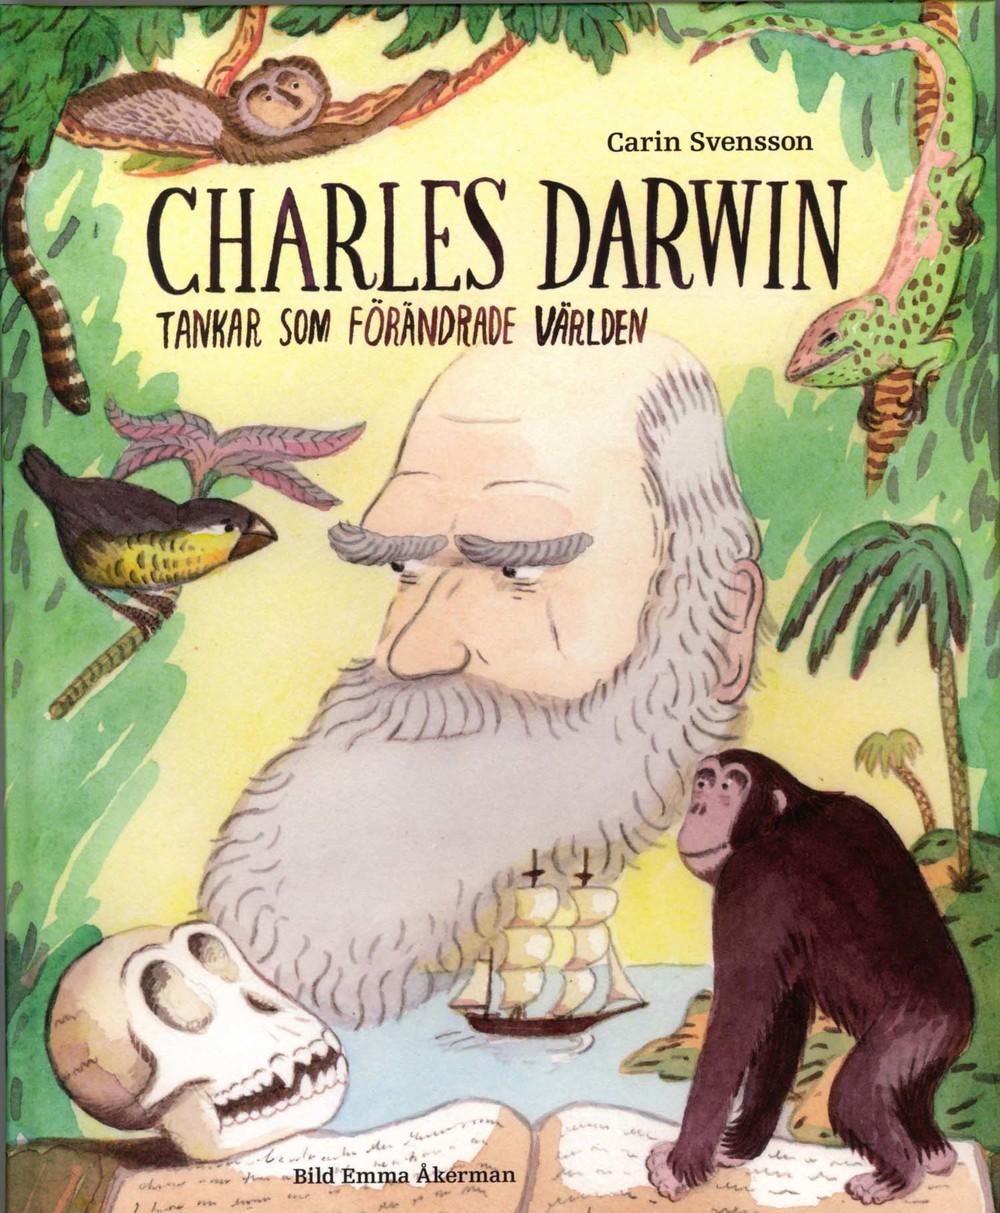 Charles Darwin - tankar som förändrade världen.